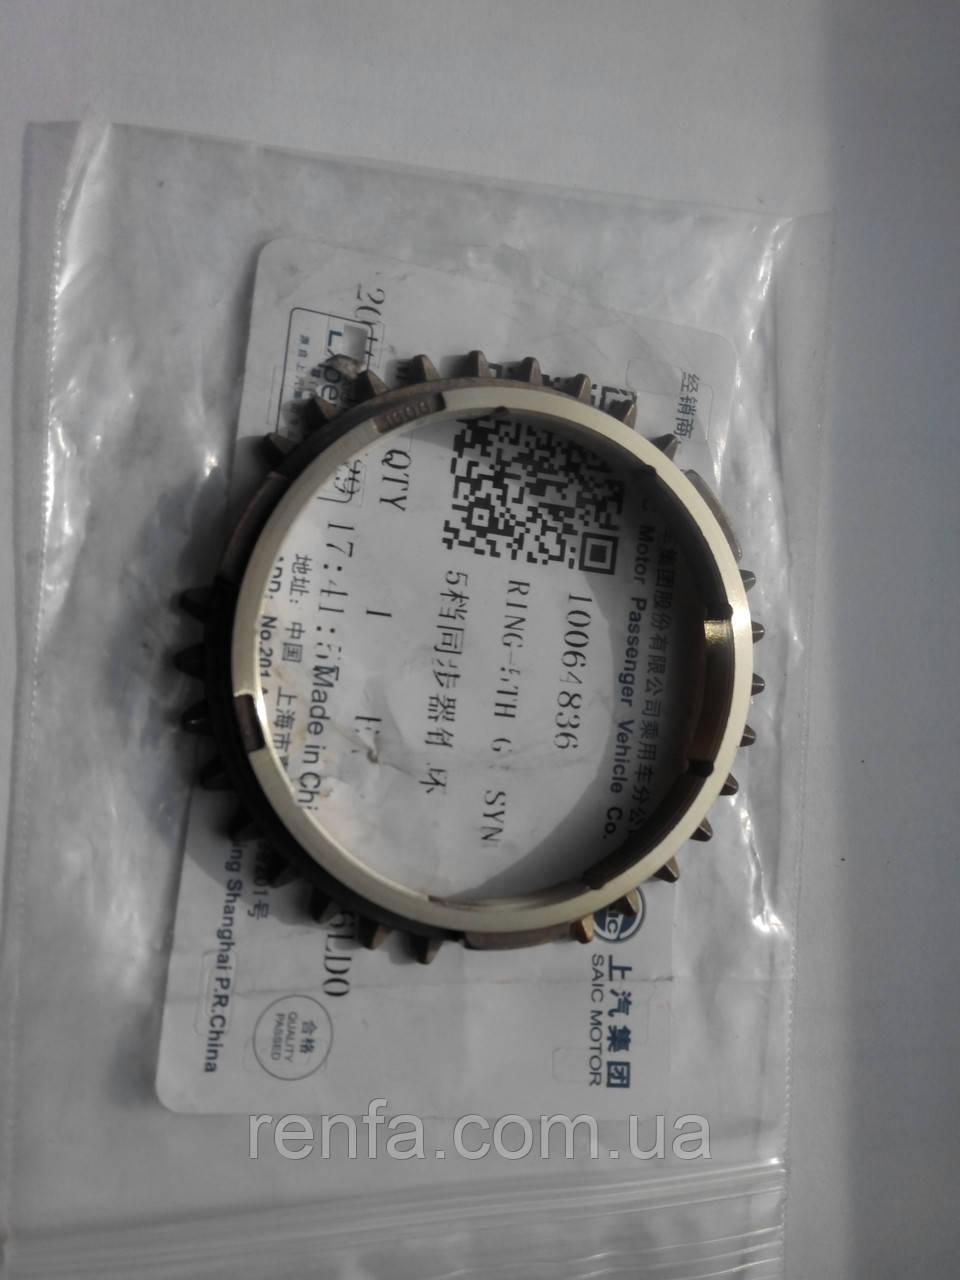 Синхронизатор 5 передачи MG350